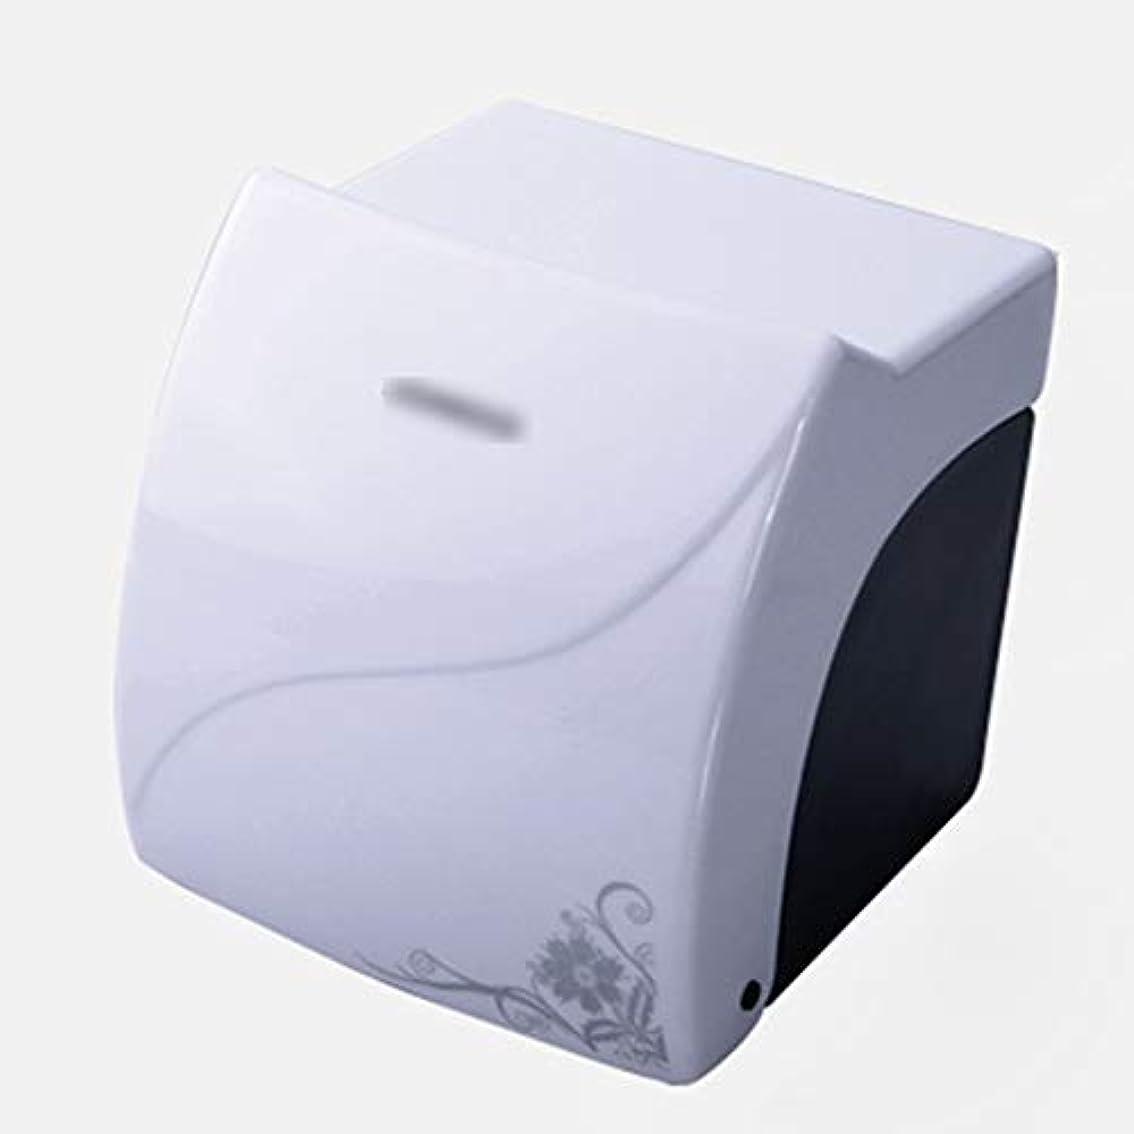 ジェム瞳迷路ZZLX 紙タオルホルダー、高品質ABS防水ティッシュボックストイレットペーパーボックスペーパーホルダー ロングハンドル風呂ブラシ